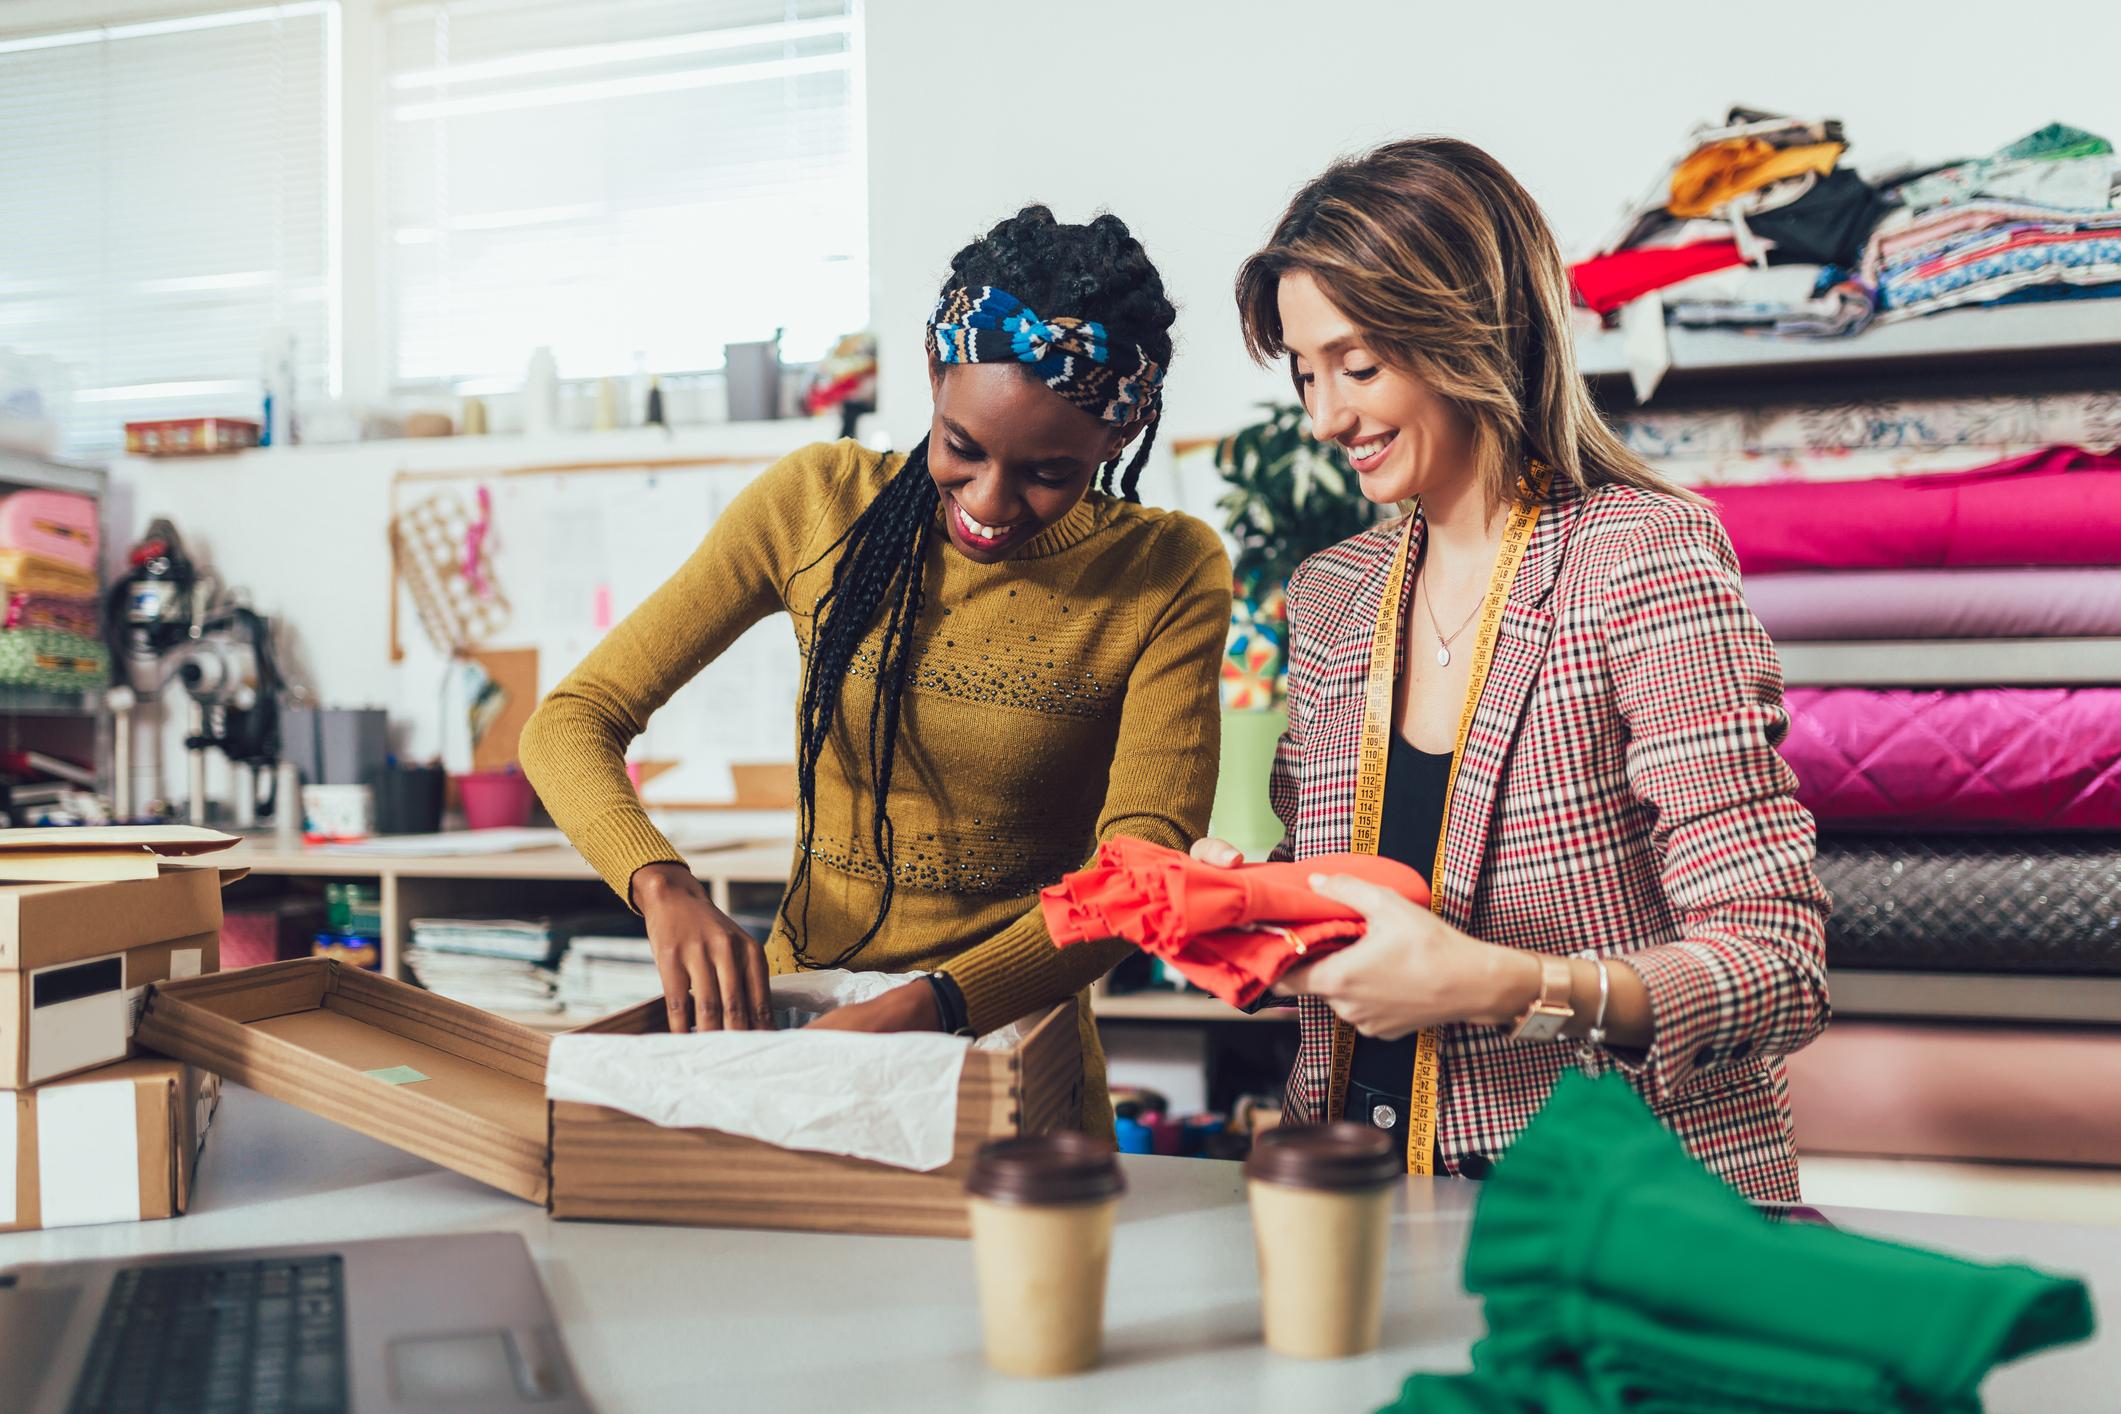 Covid podría hacer retroceder a una generación de mujeres en los negocios: Estudio. Noticias en tiempo real